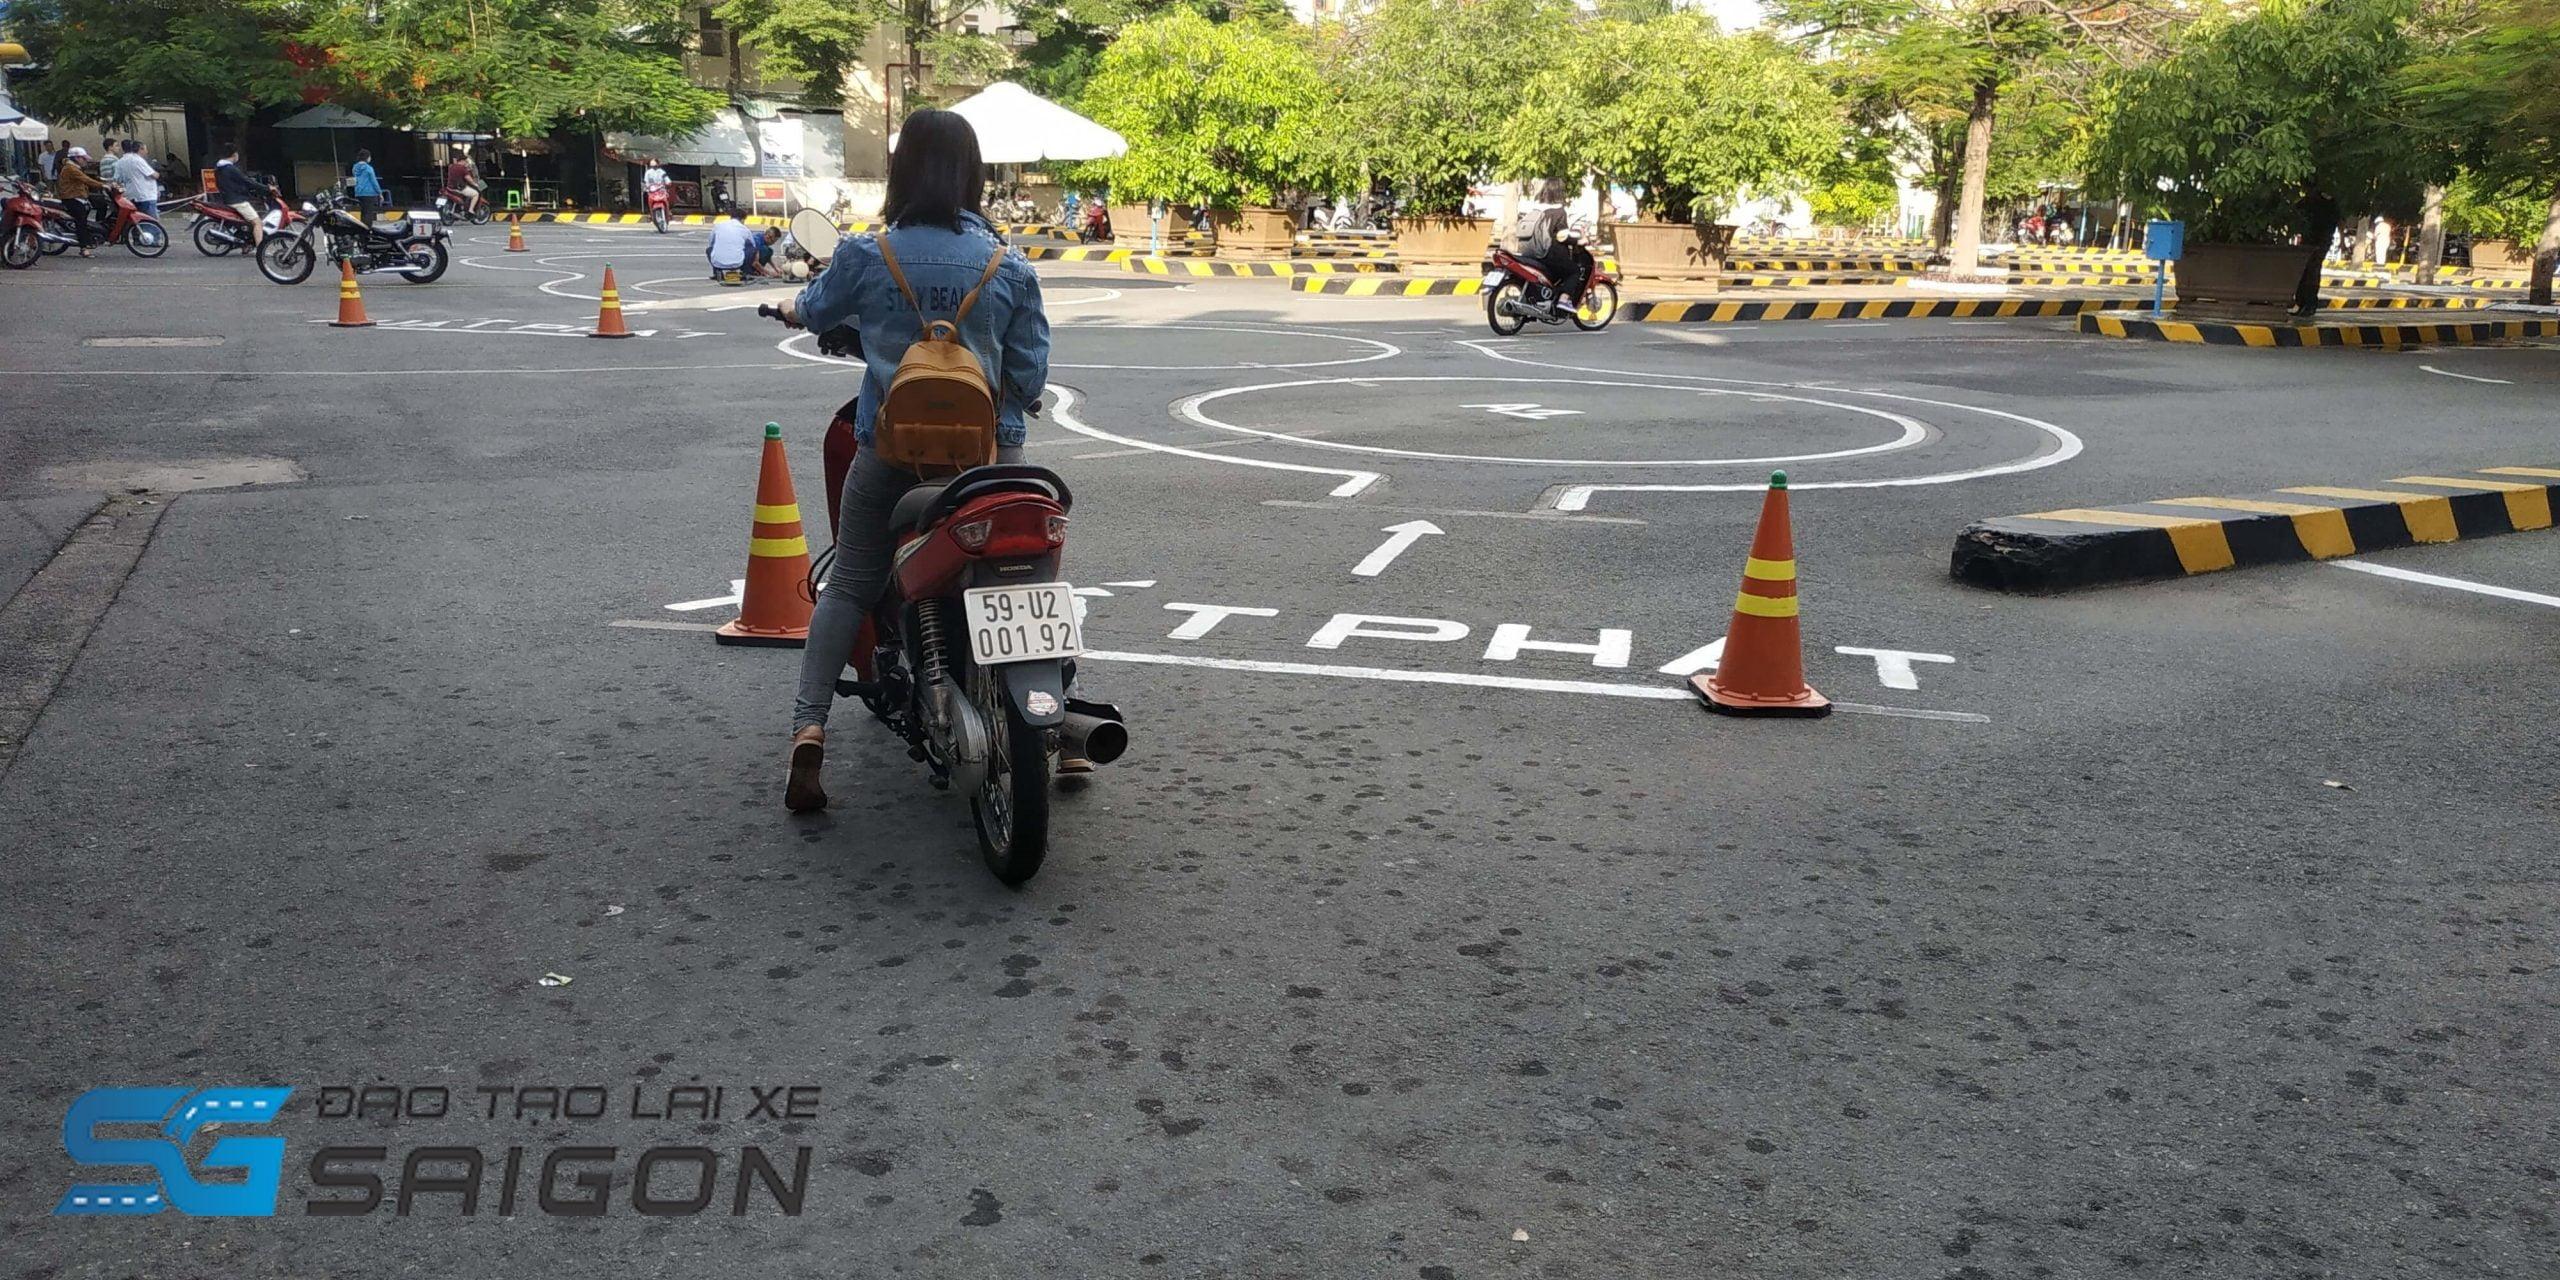 Bài thực hành kiểm tra trình độ lái xe máy và xử lý tình huống trên các cung đường, vượt chướng ngại vật trong kỳ thi bằng lái xe máy ở Hà Nội